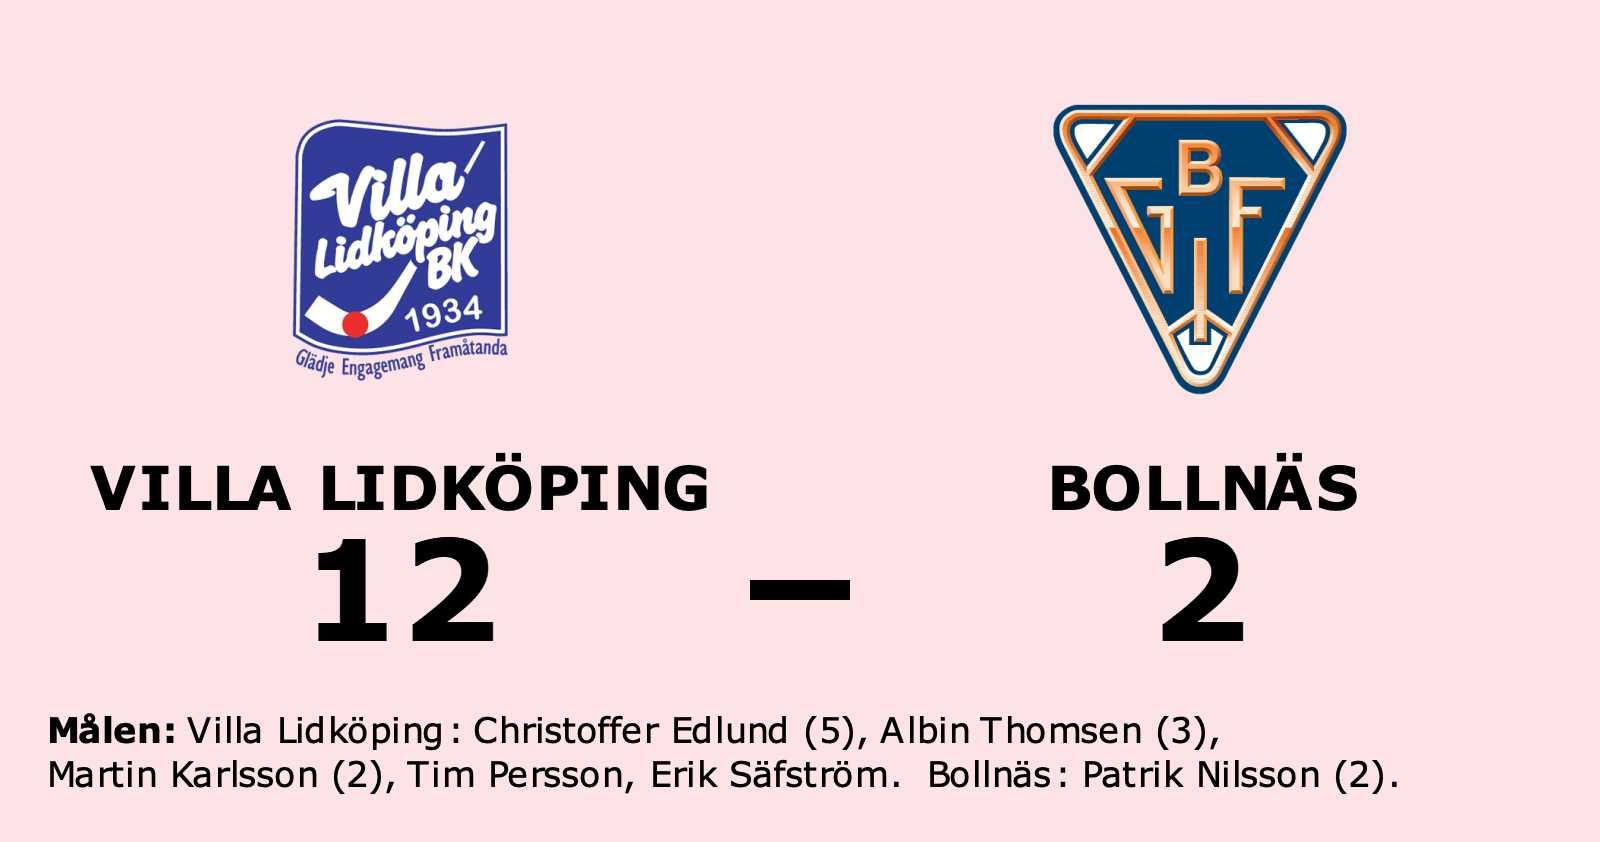 Villa Lidköping utklassade Bollnäs på hemmaplan